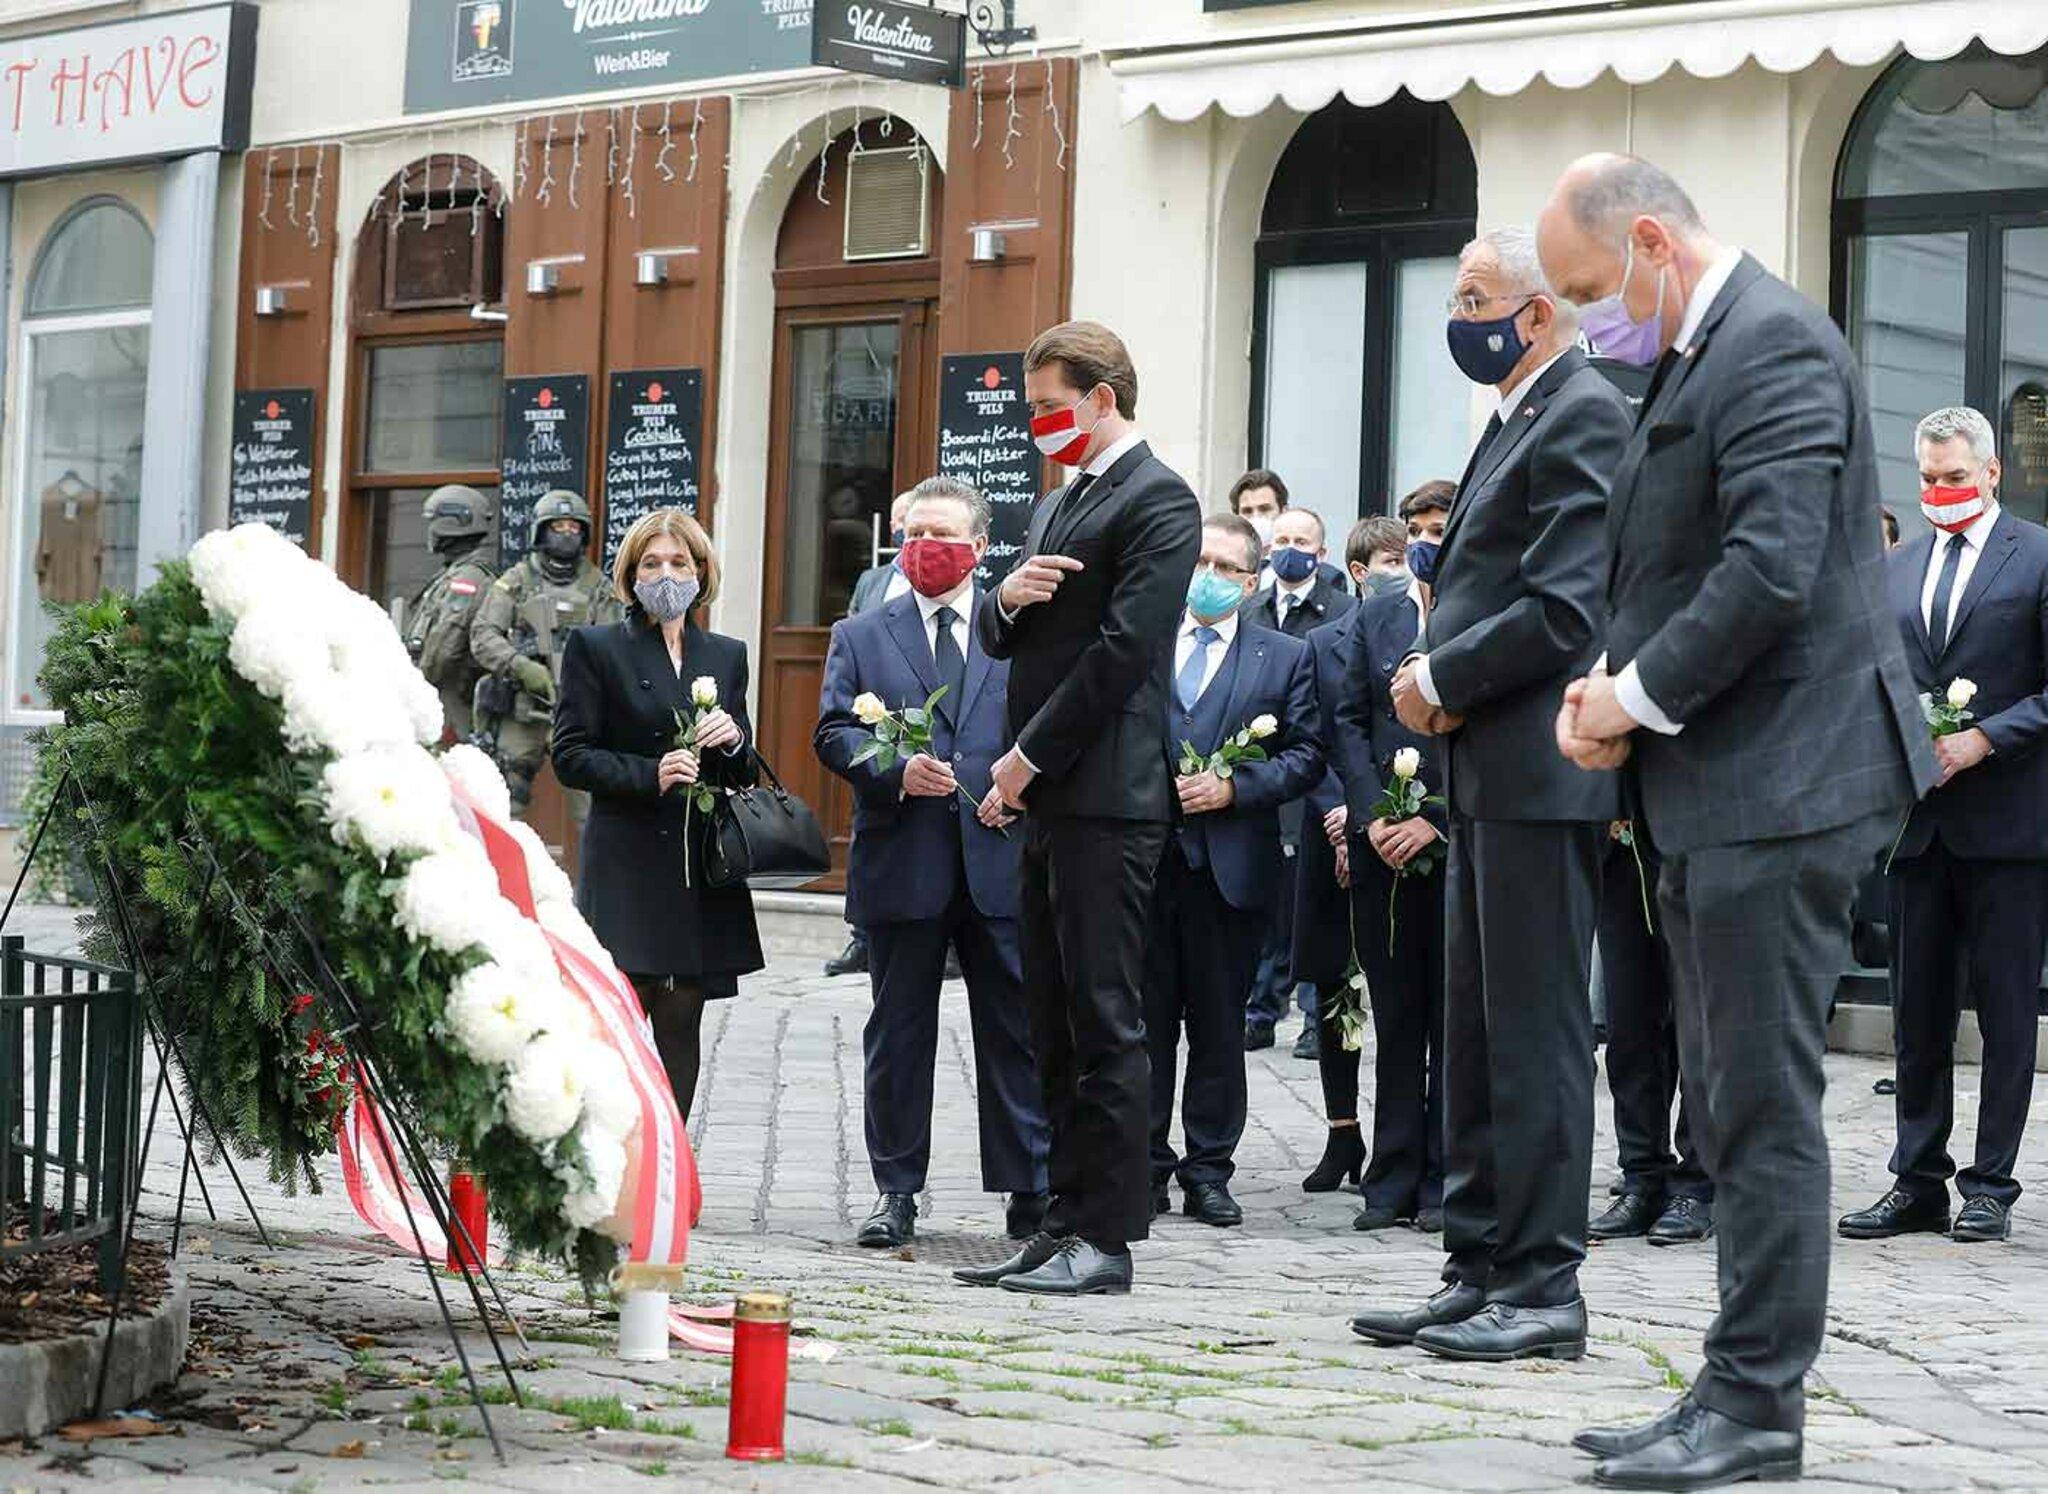 Geeinter Auftritt der österreichischen Spitzenpolitiker bei der Kranzniederlegung in Wien